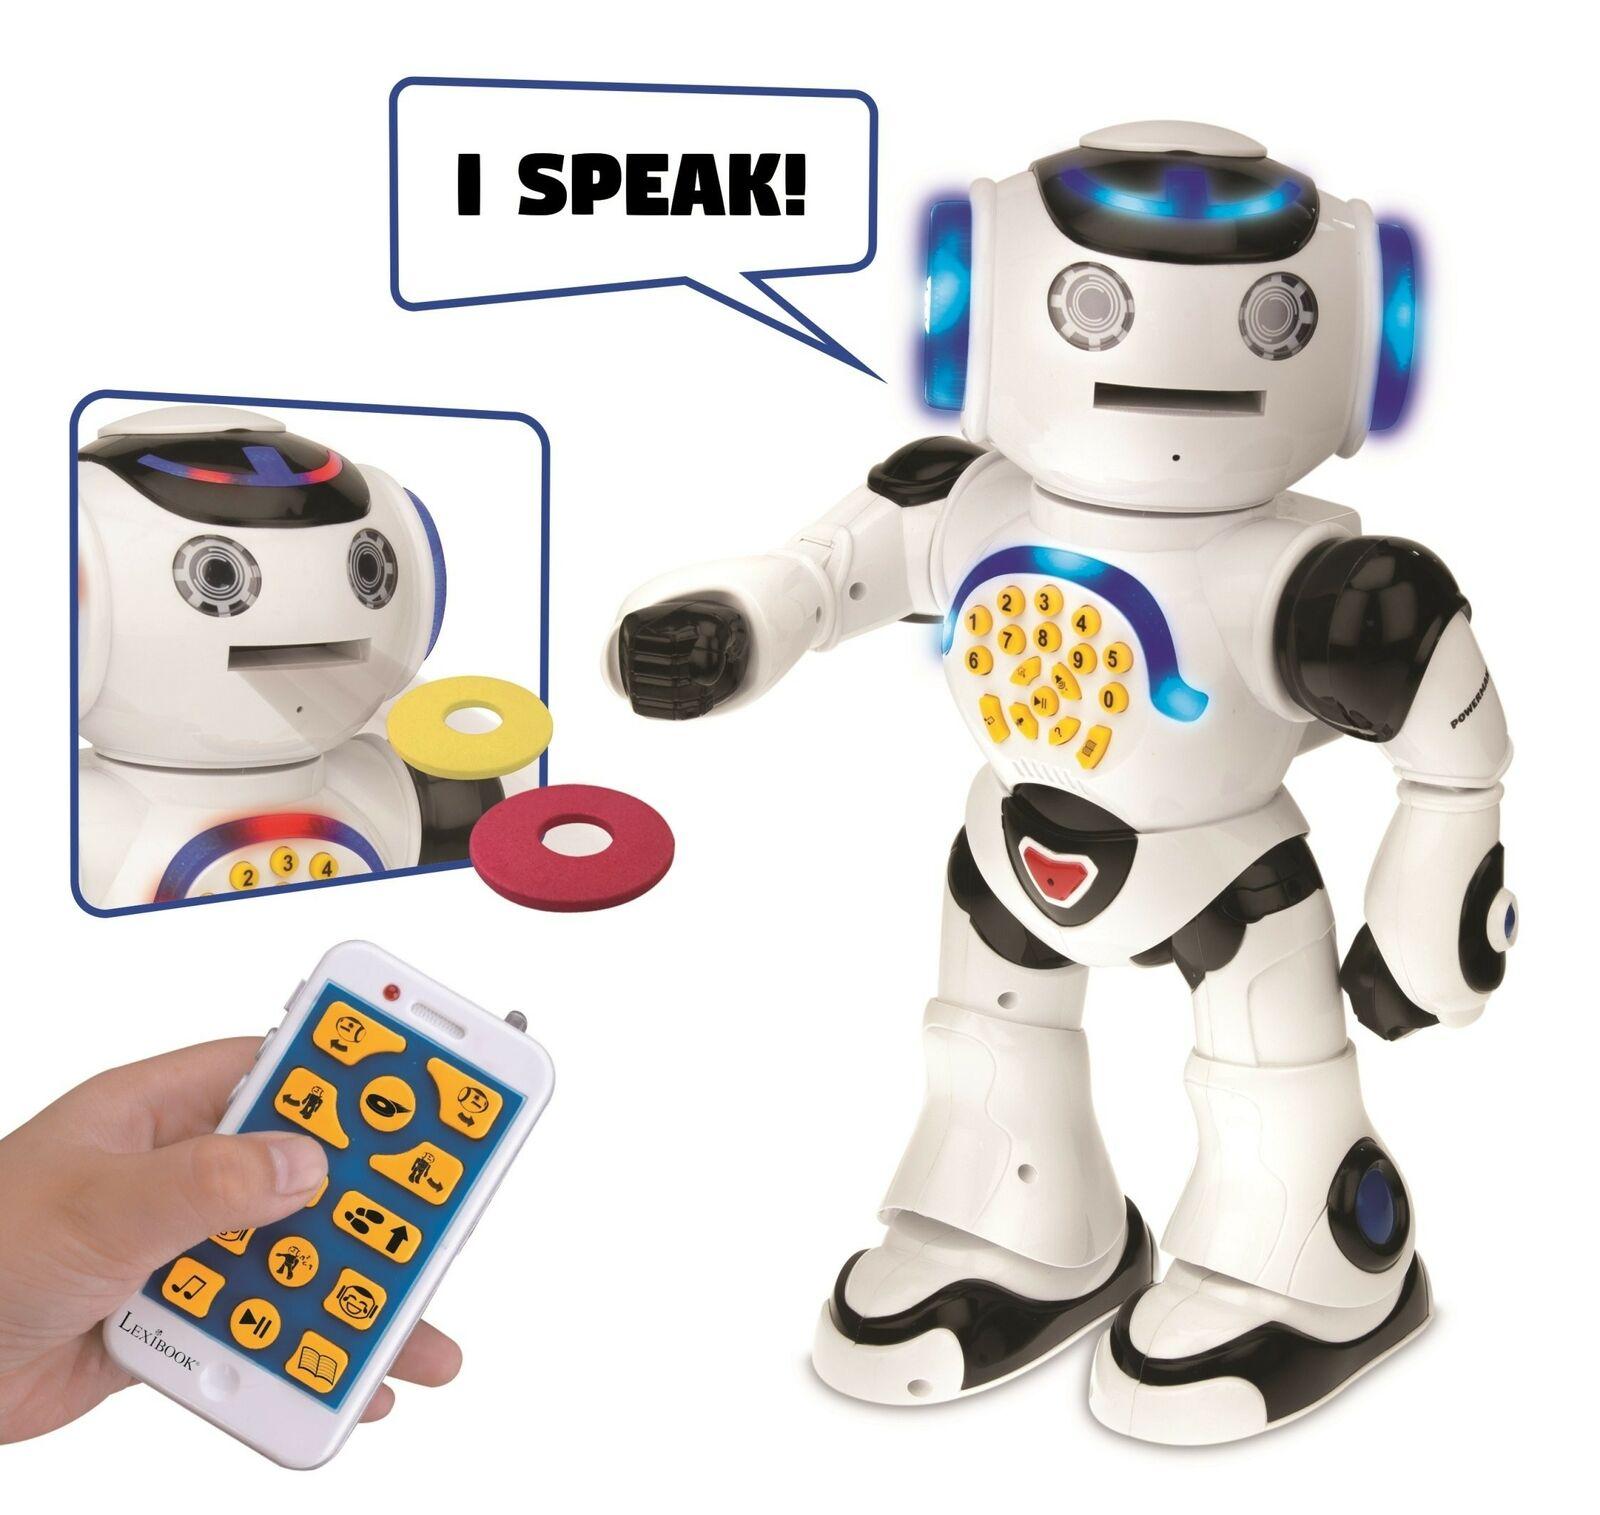 presa di marca energiauomo telecouomodo Walre Talre Robot Robot Robot giocattolo, educativo Robot, btuttii,.  connotazione di lusso low-key